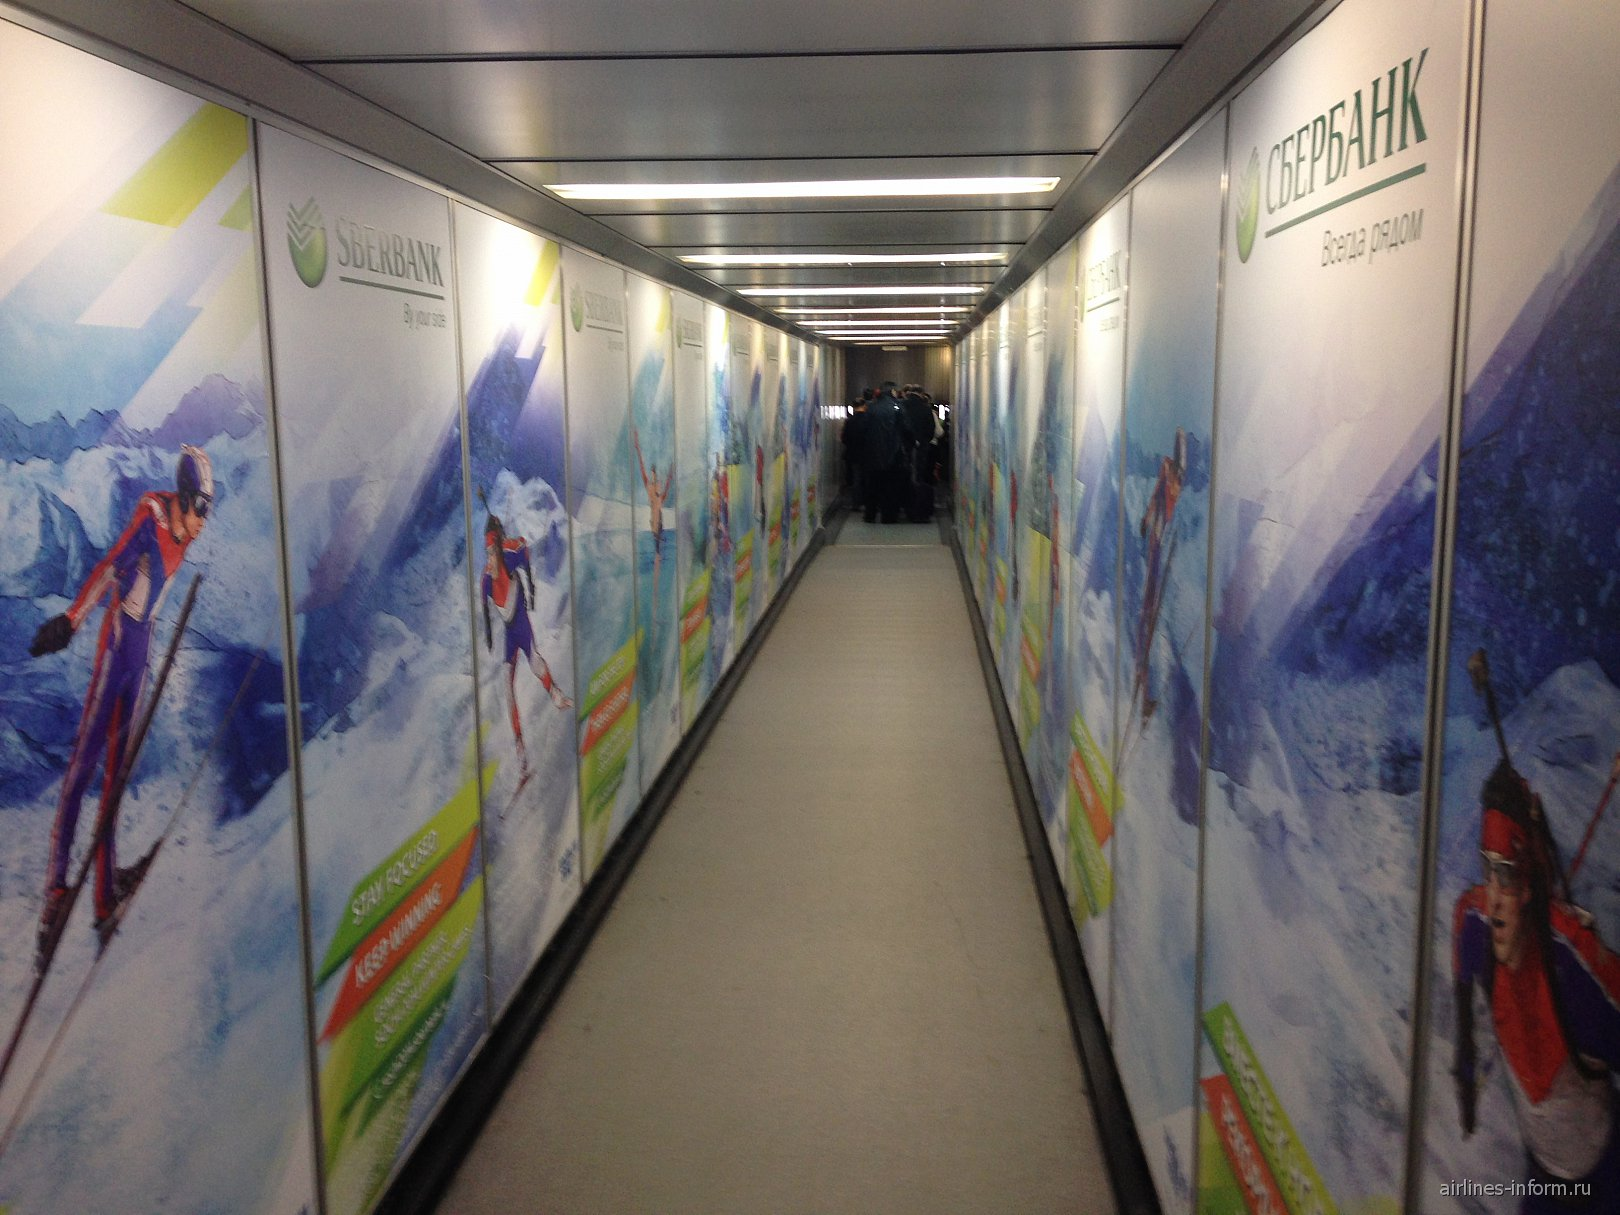 Посадка на рейс Москва-Сочи Аэрофлота